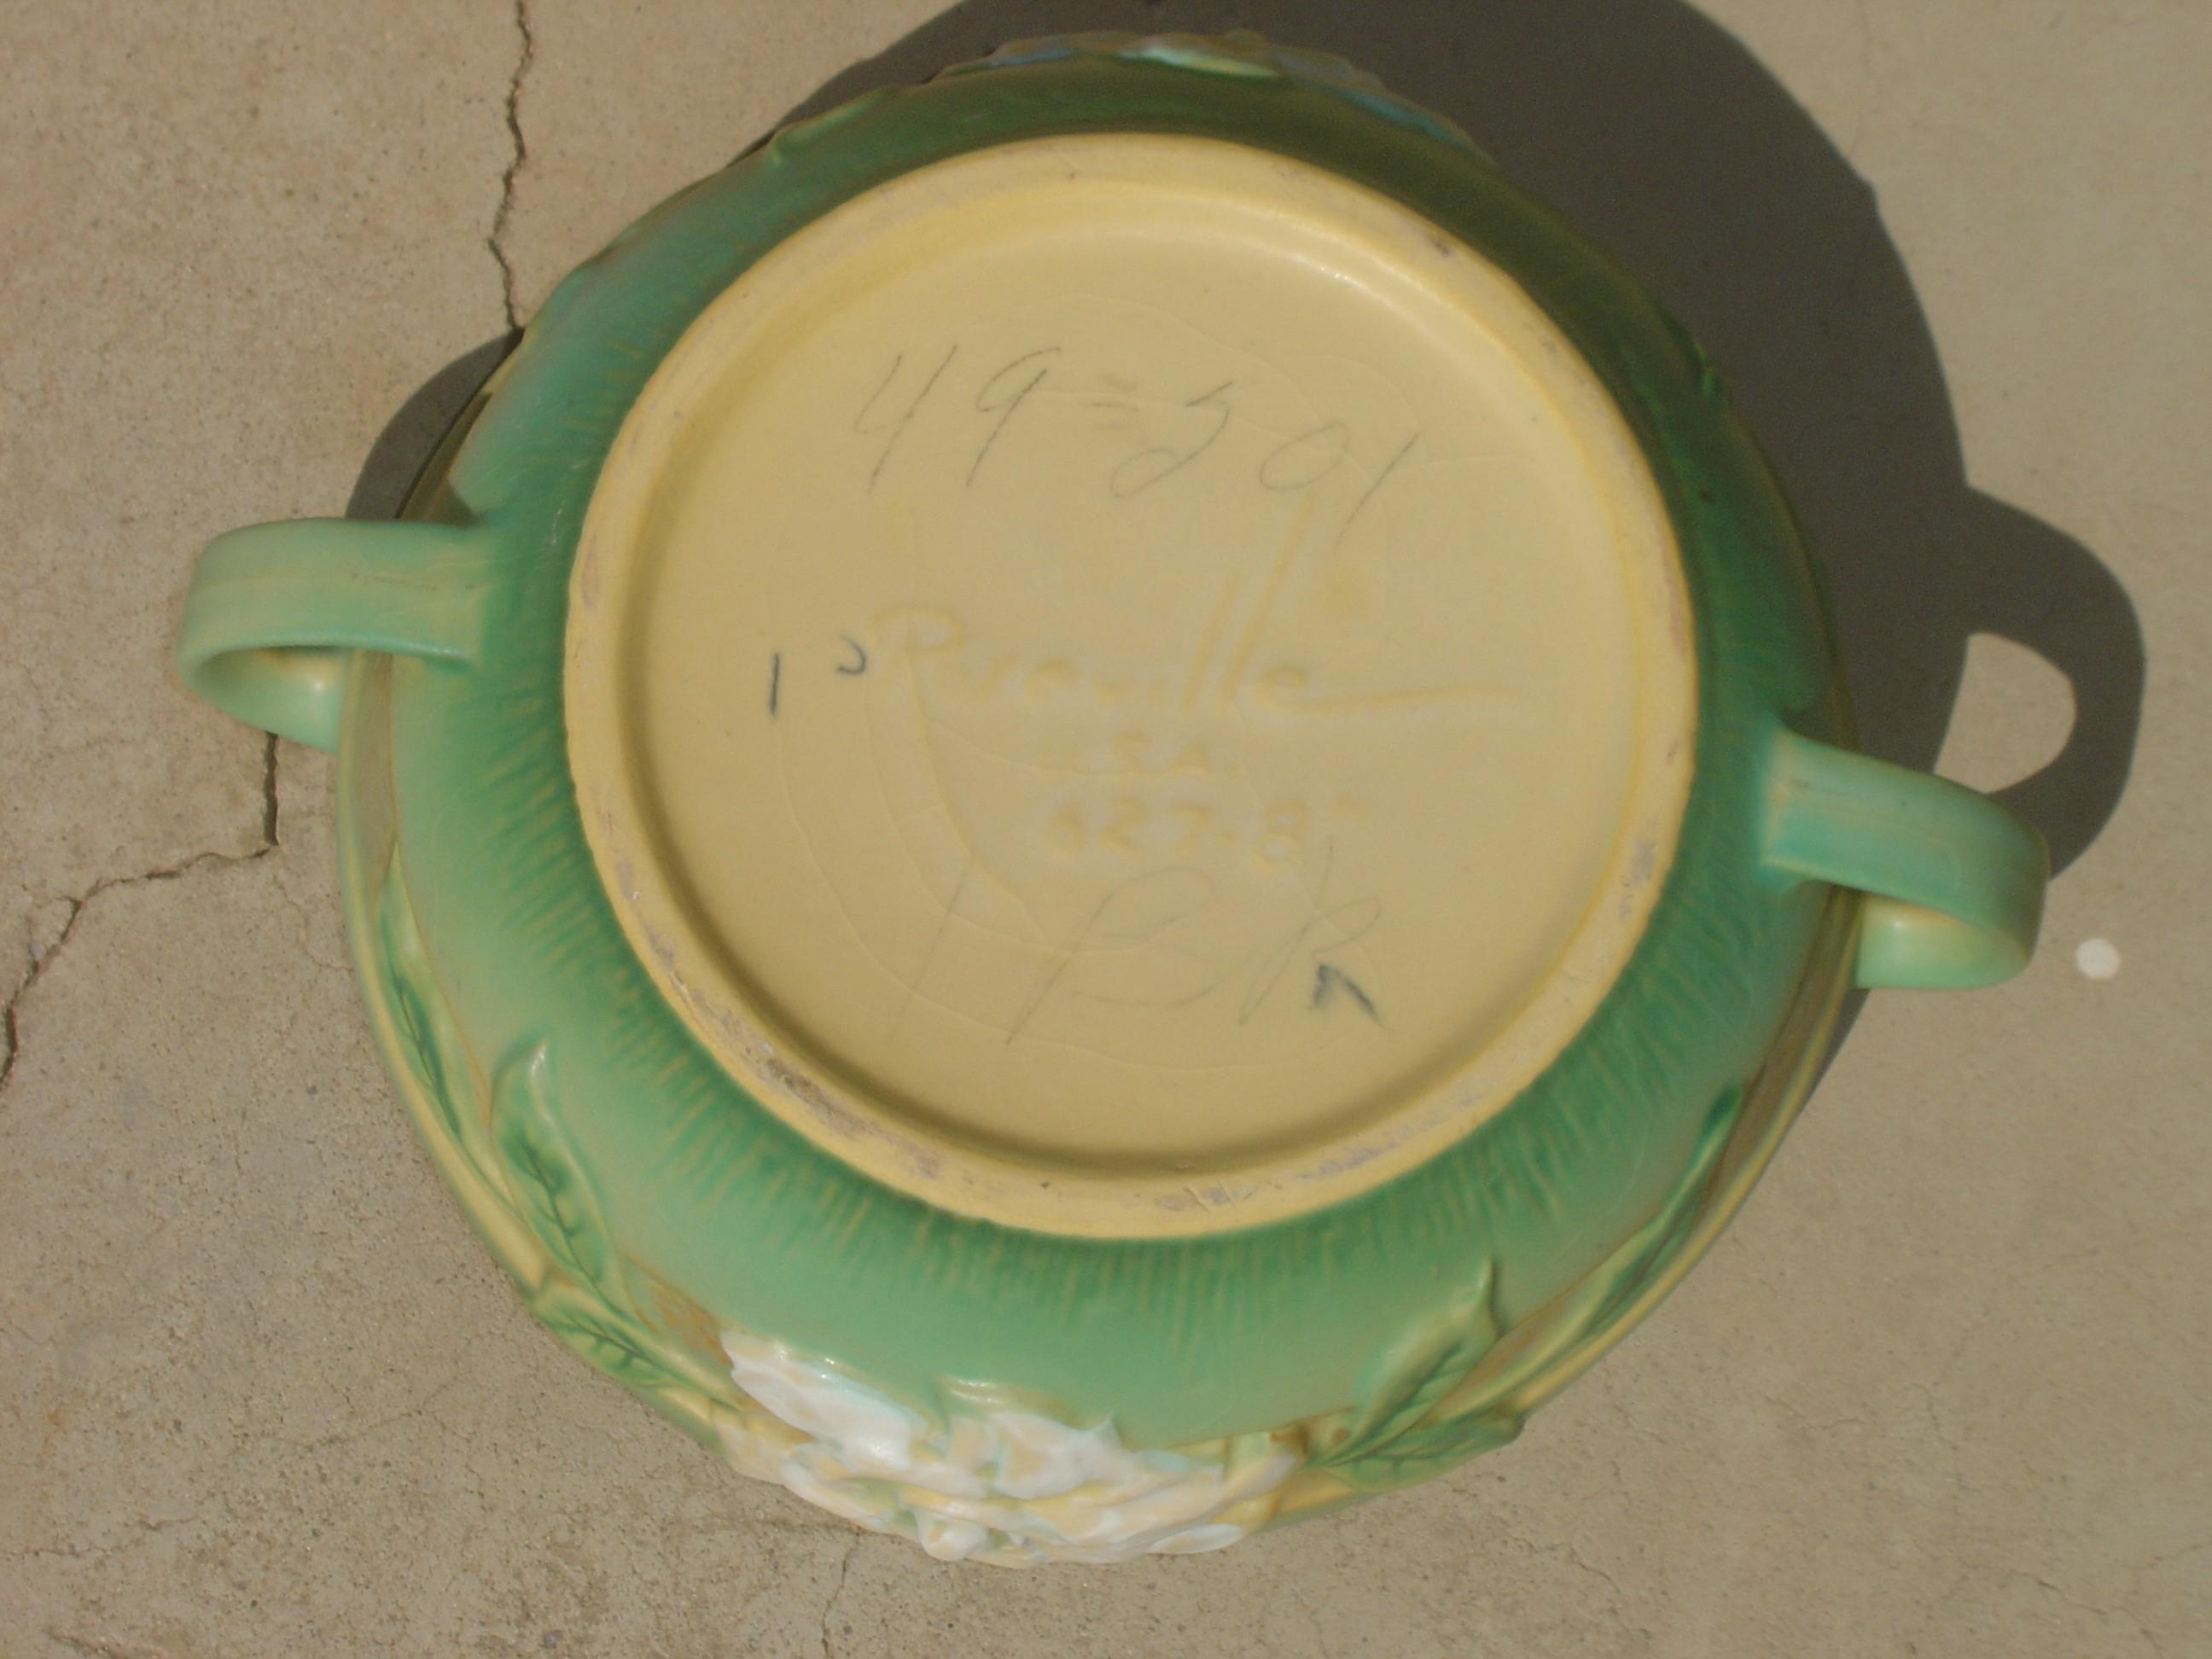 Pottery and Terracotta - Jedi Simon Research